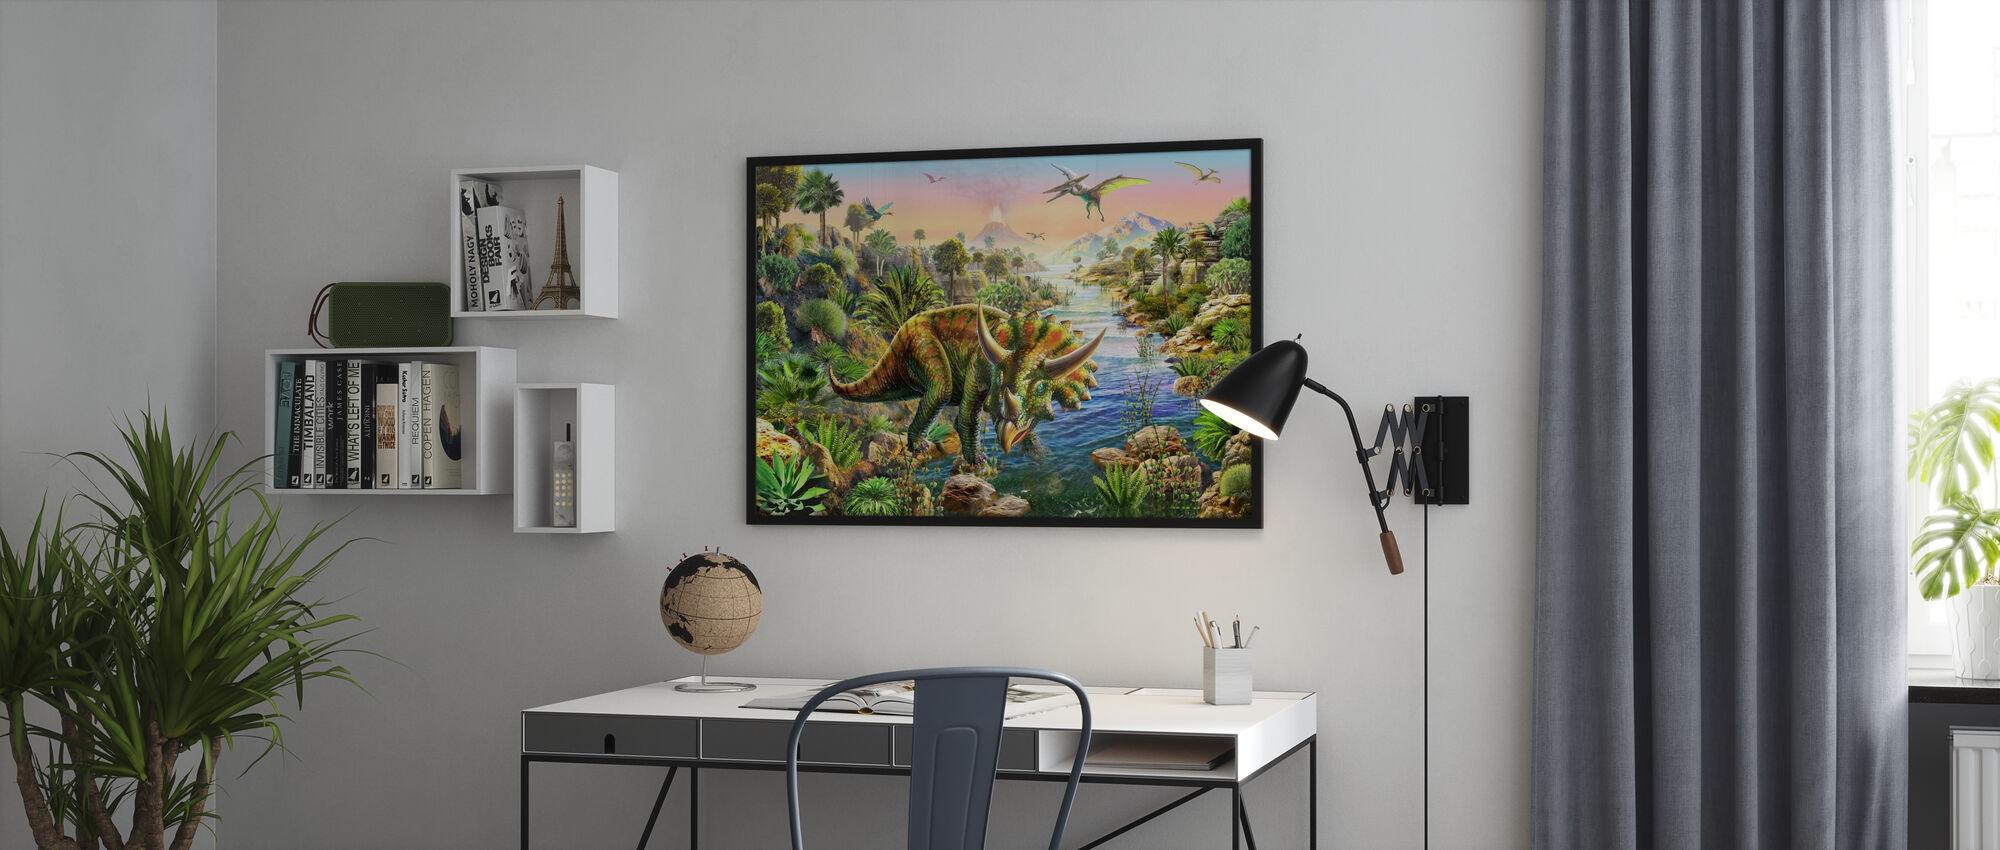 Triceratopo - Stampa incorniciata - Uffici